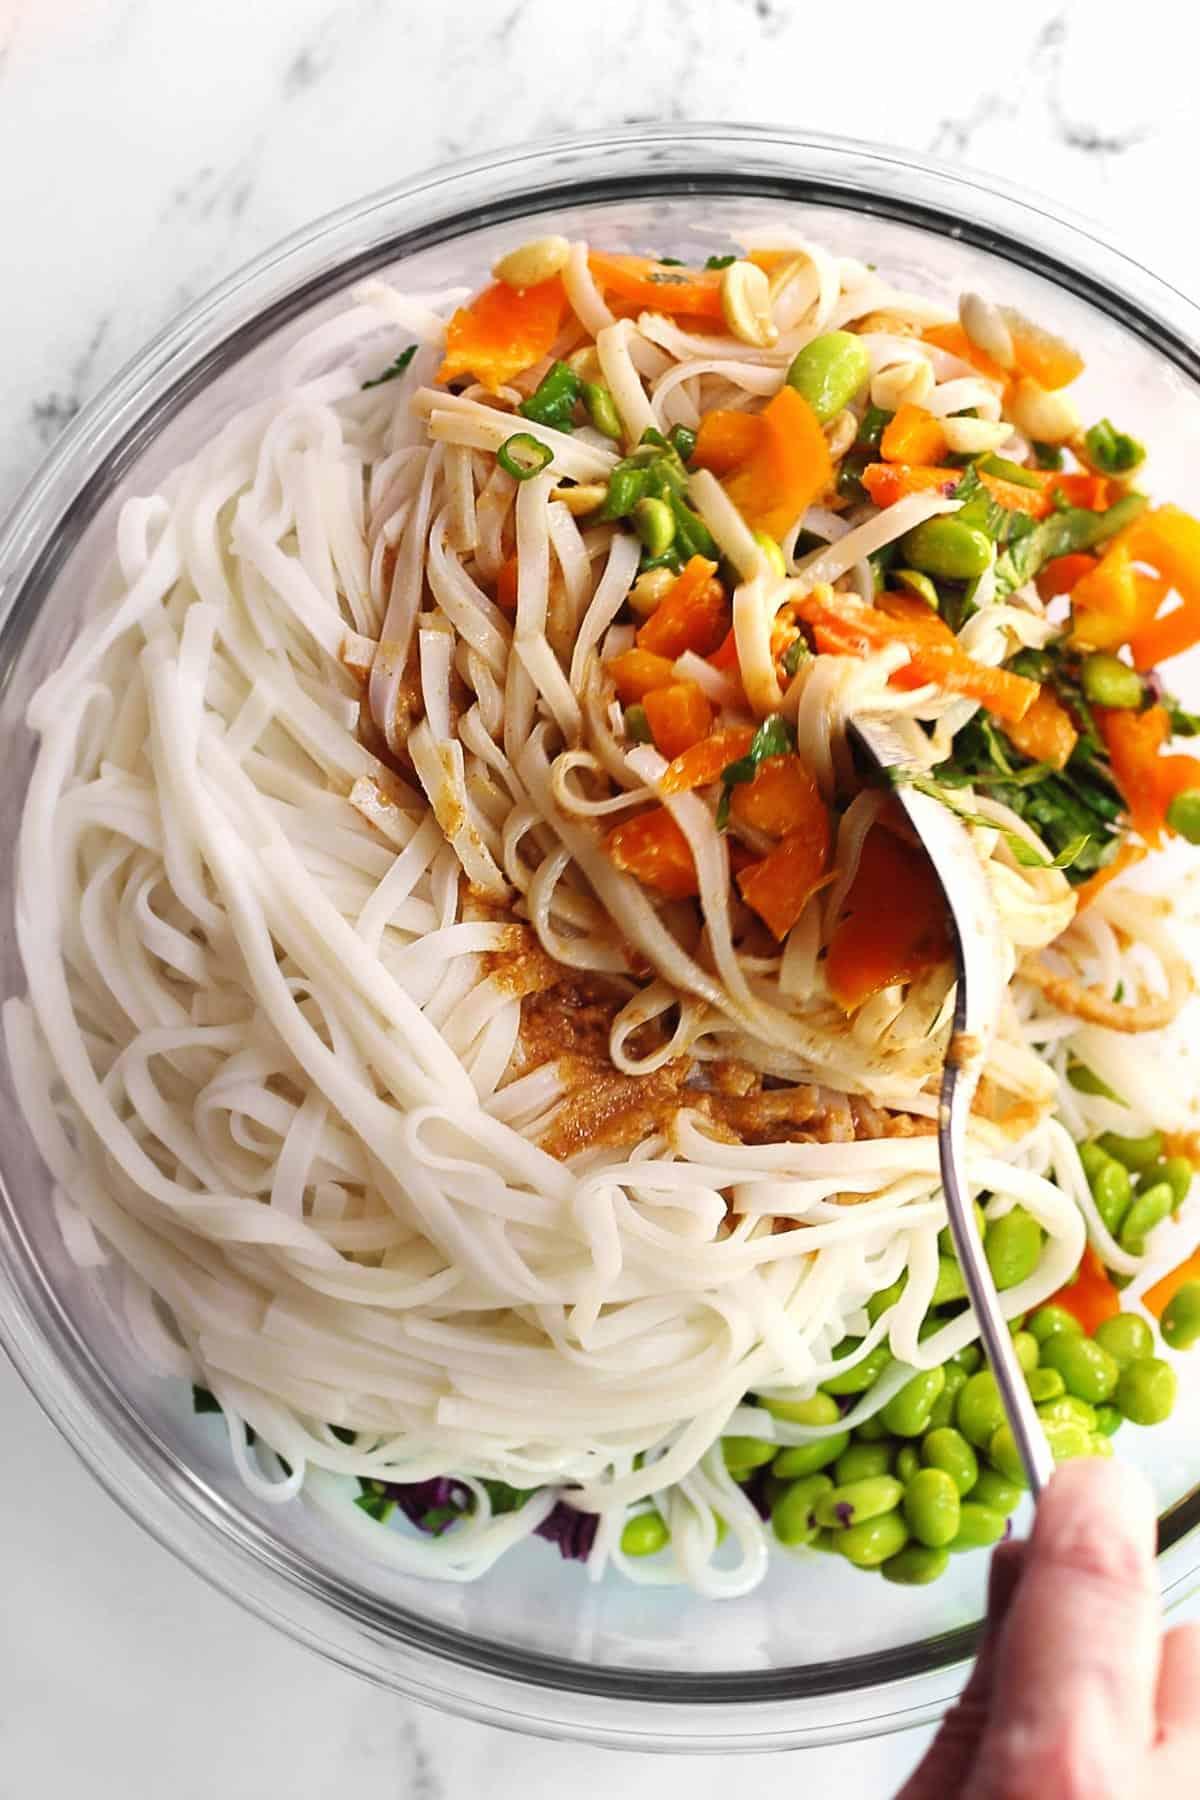 Vegan Thai peanut noodle salad being tossed together